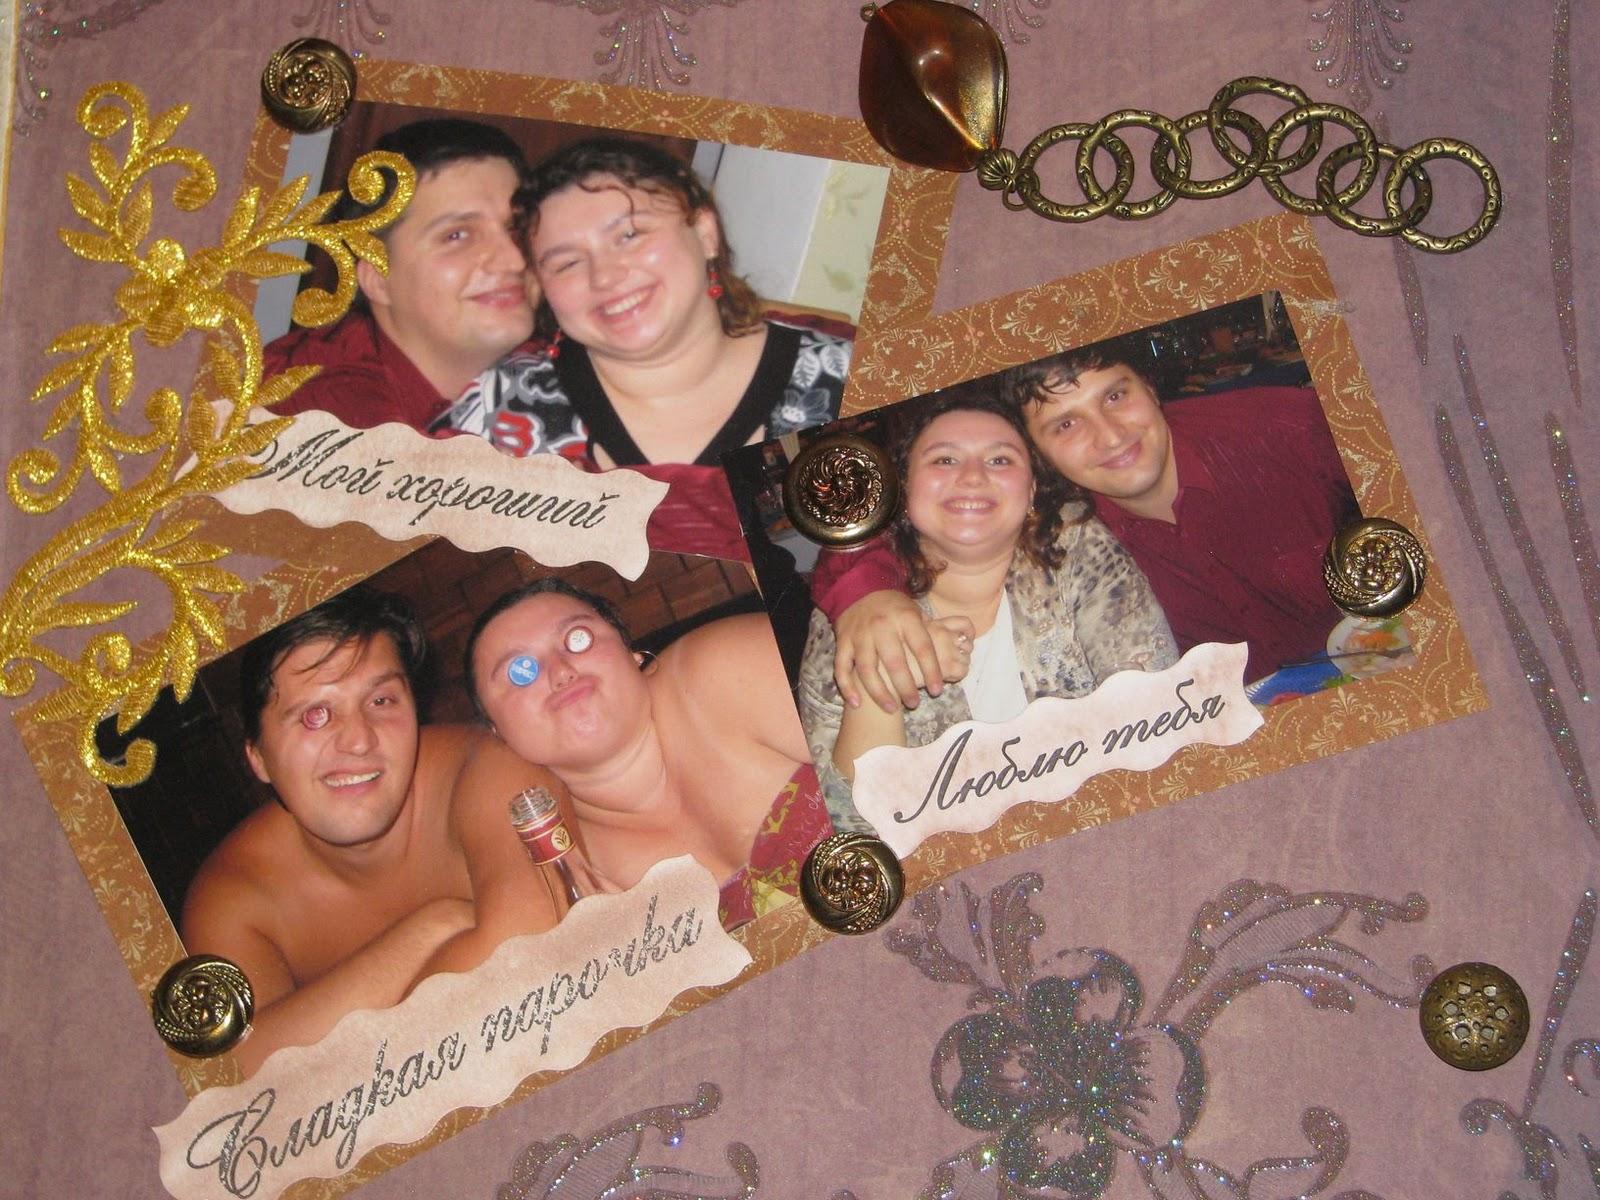 Что подарить на годовщину свадьбы 1 год (на ситцевую свадьбу) 93